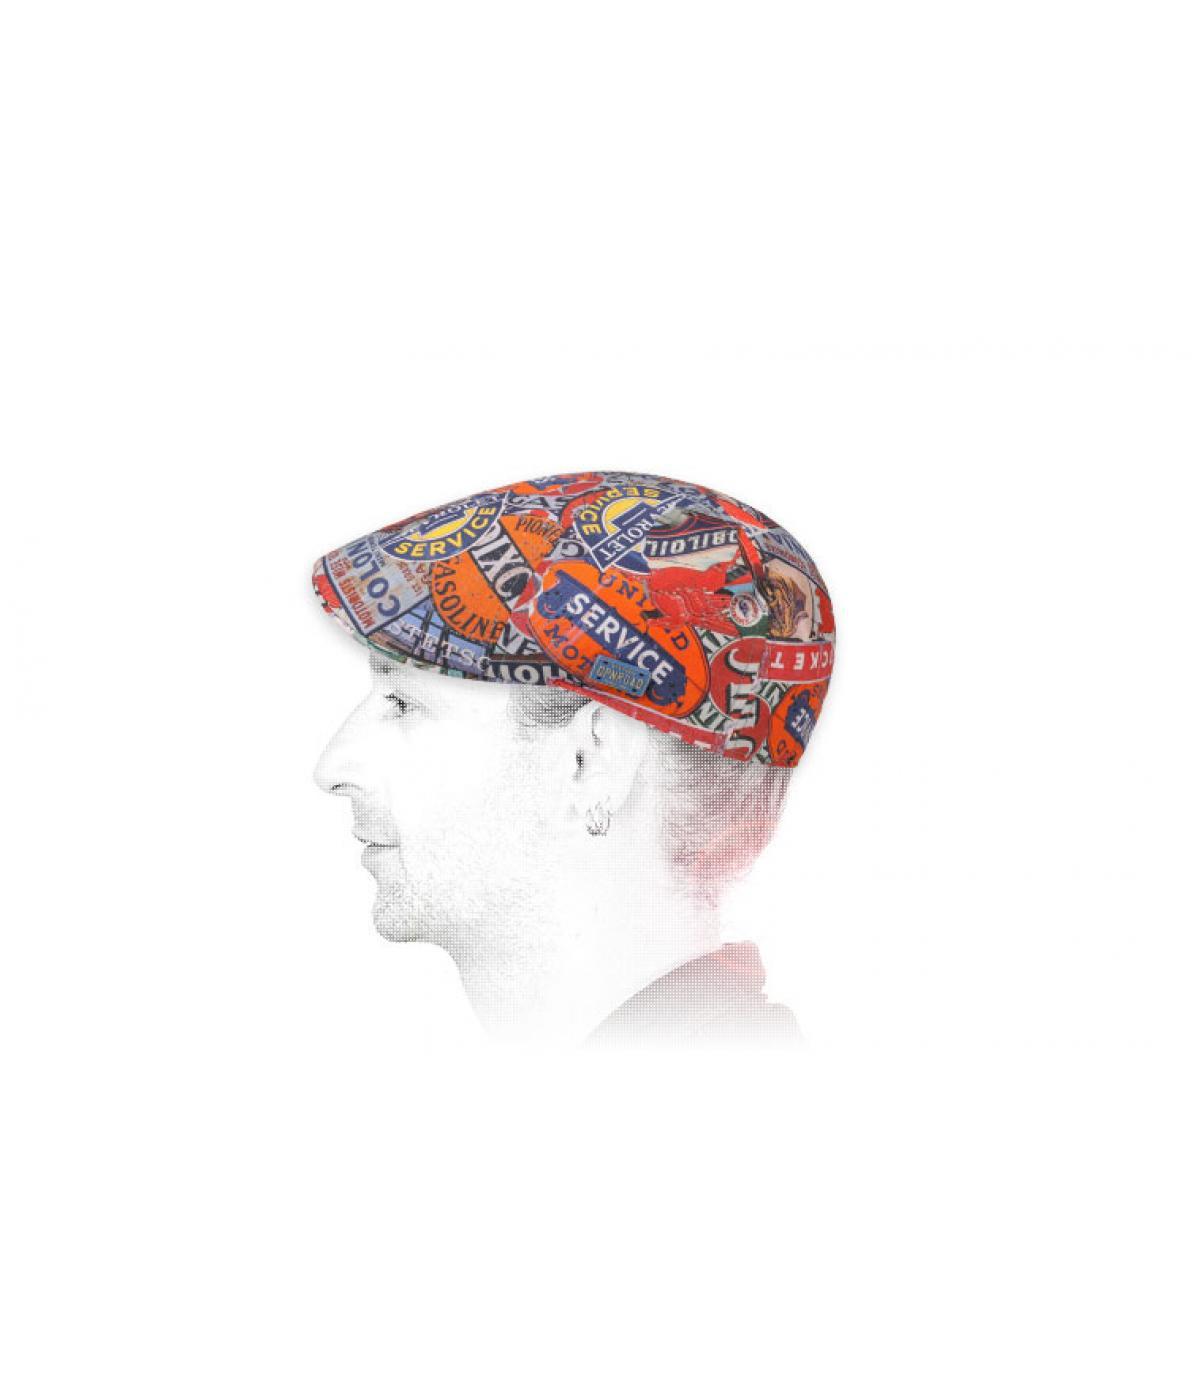 printed duckbill cap Stetson